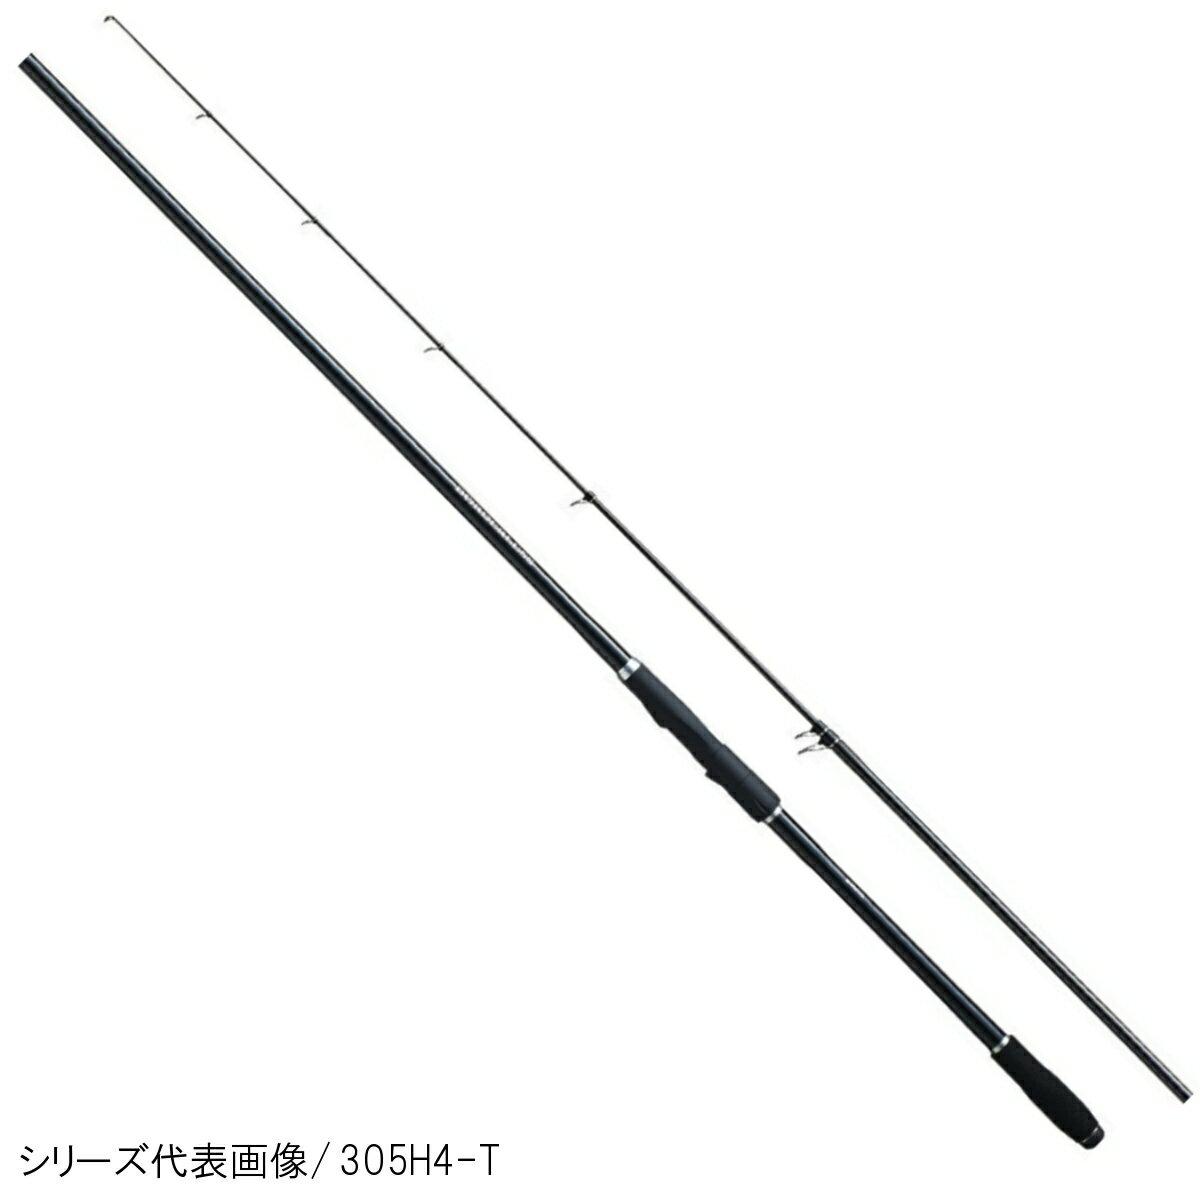 シマノ ボーダレス キャスティング仕様 265H3-T【送料無料】